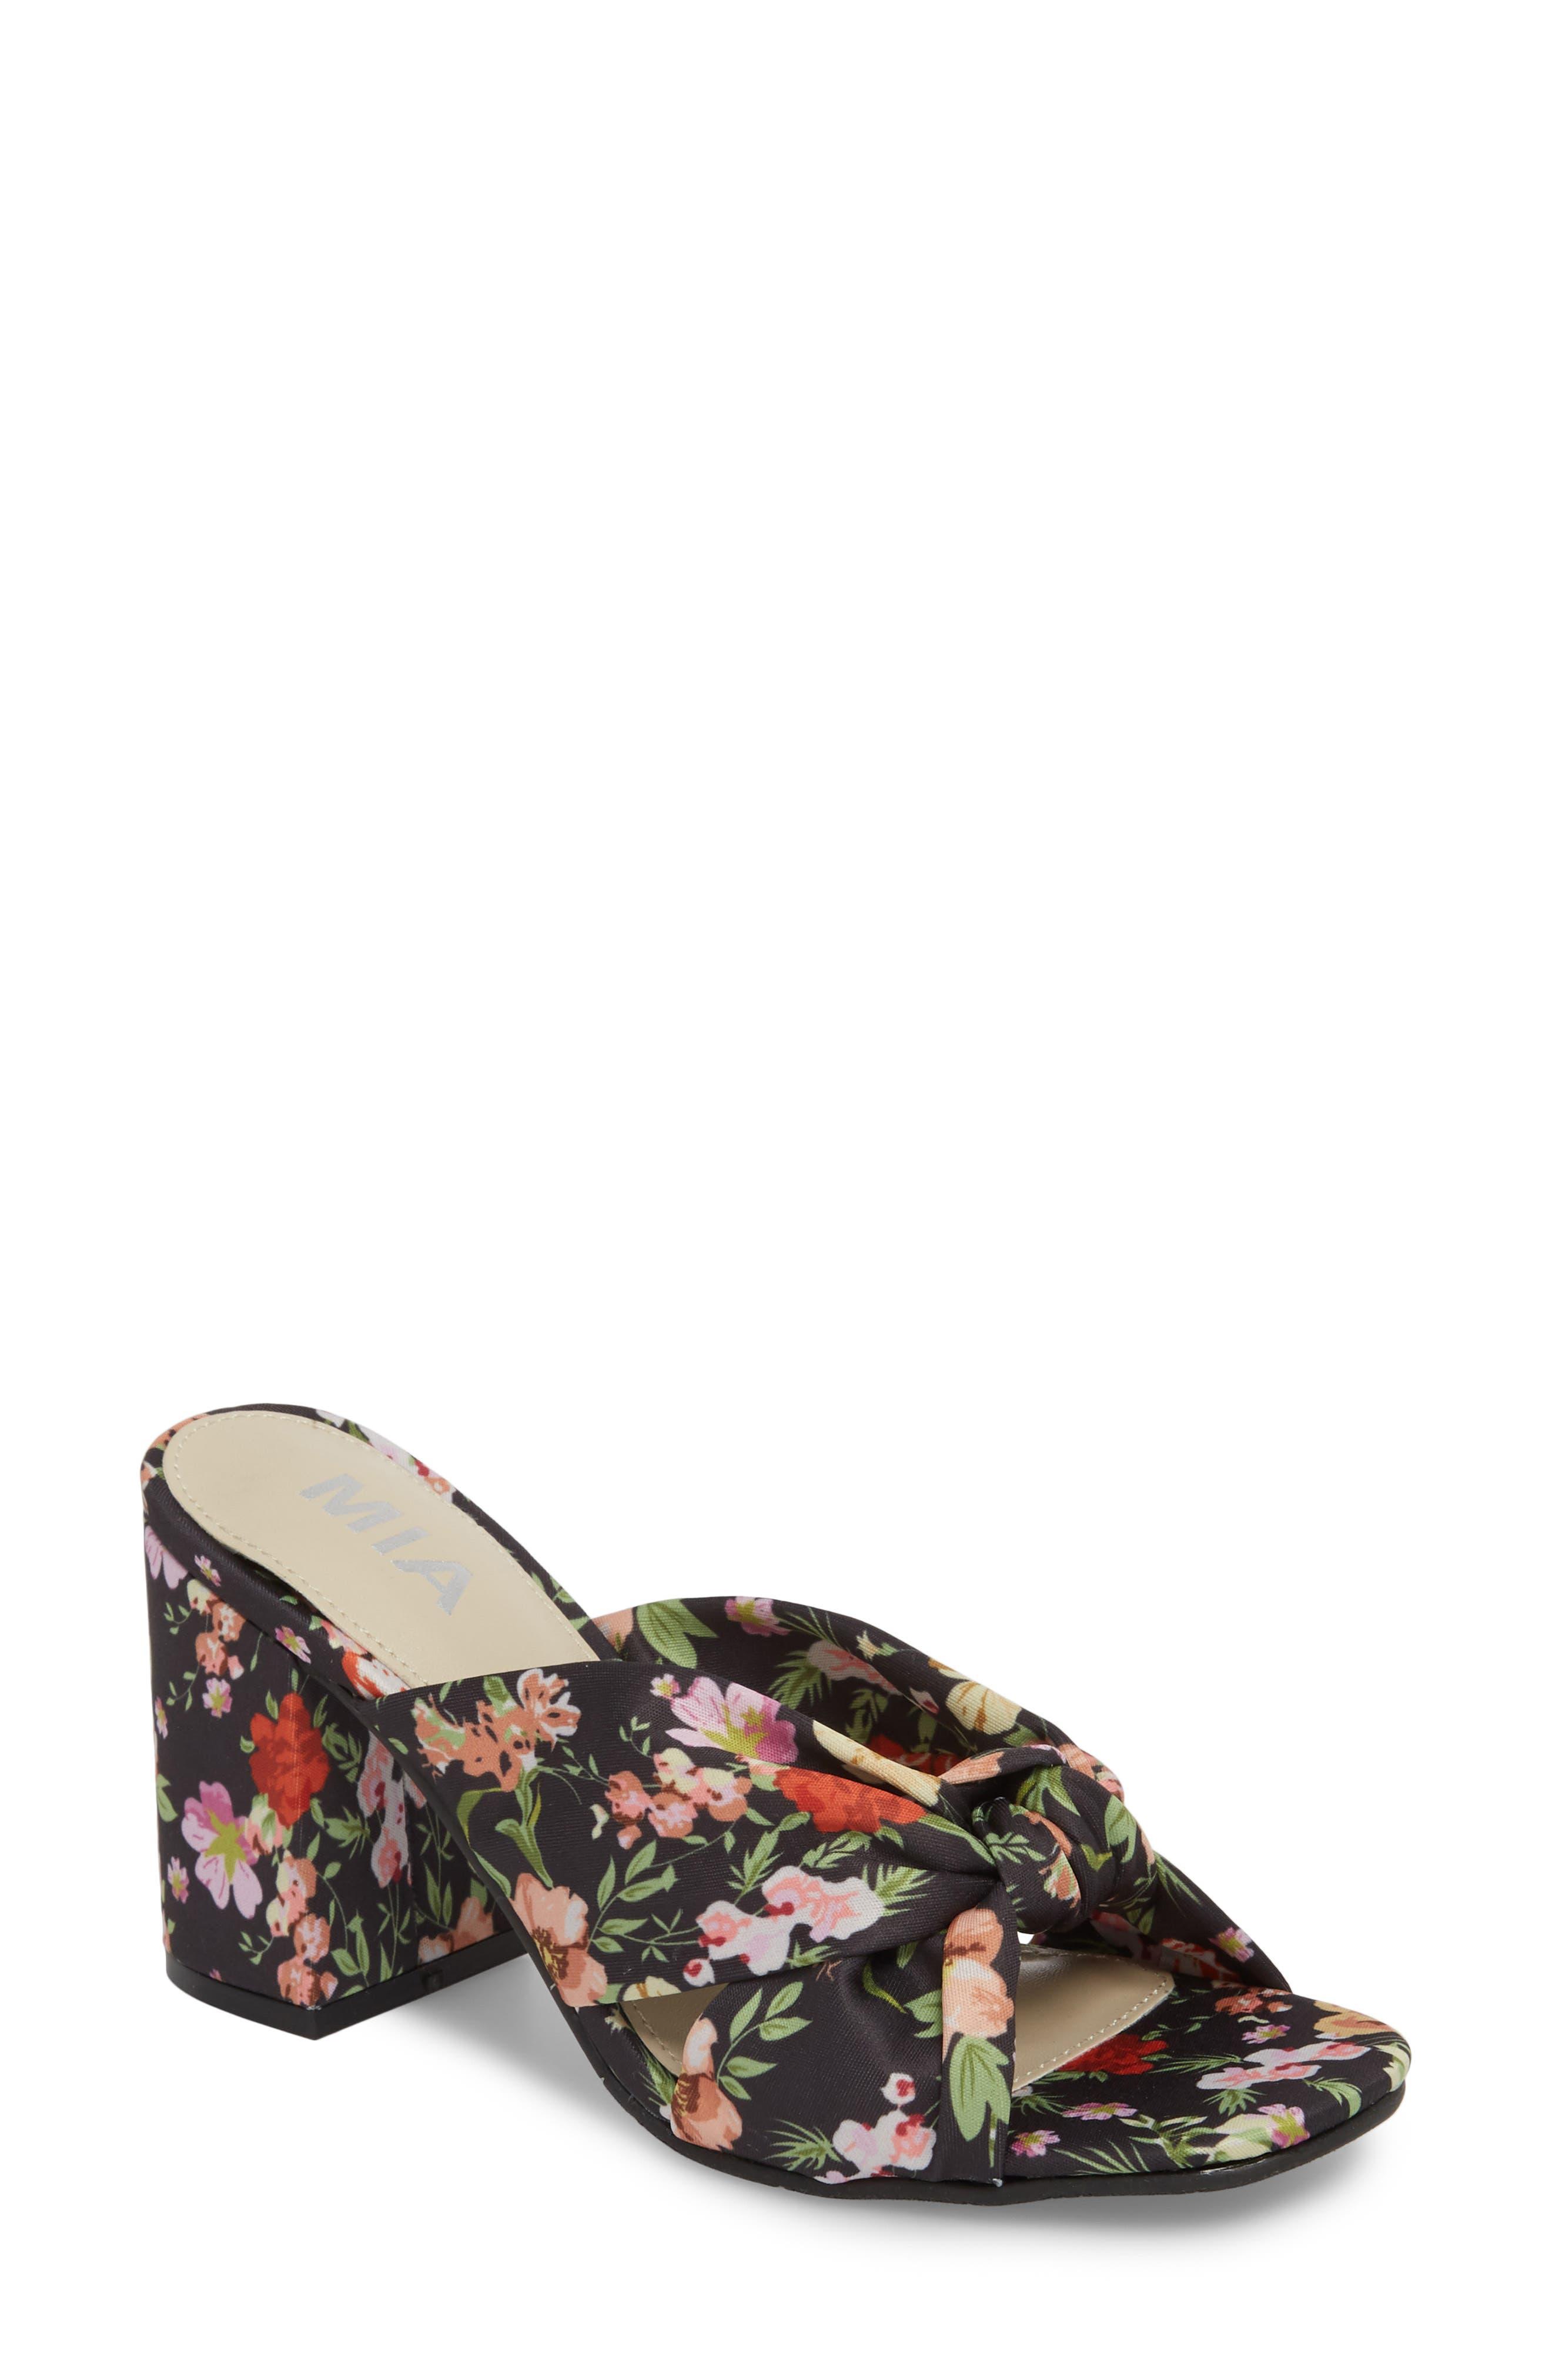 Collette Floral Sandal,                         Main,                         color, 001